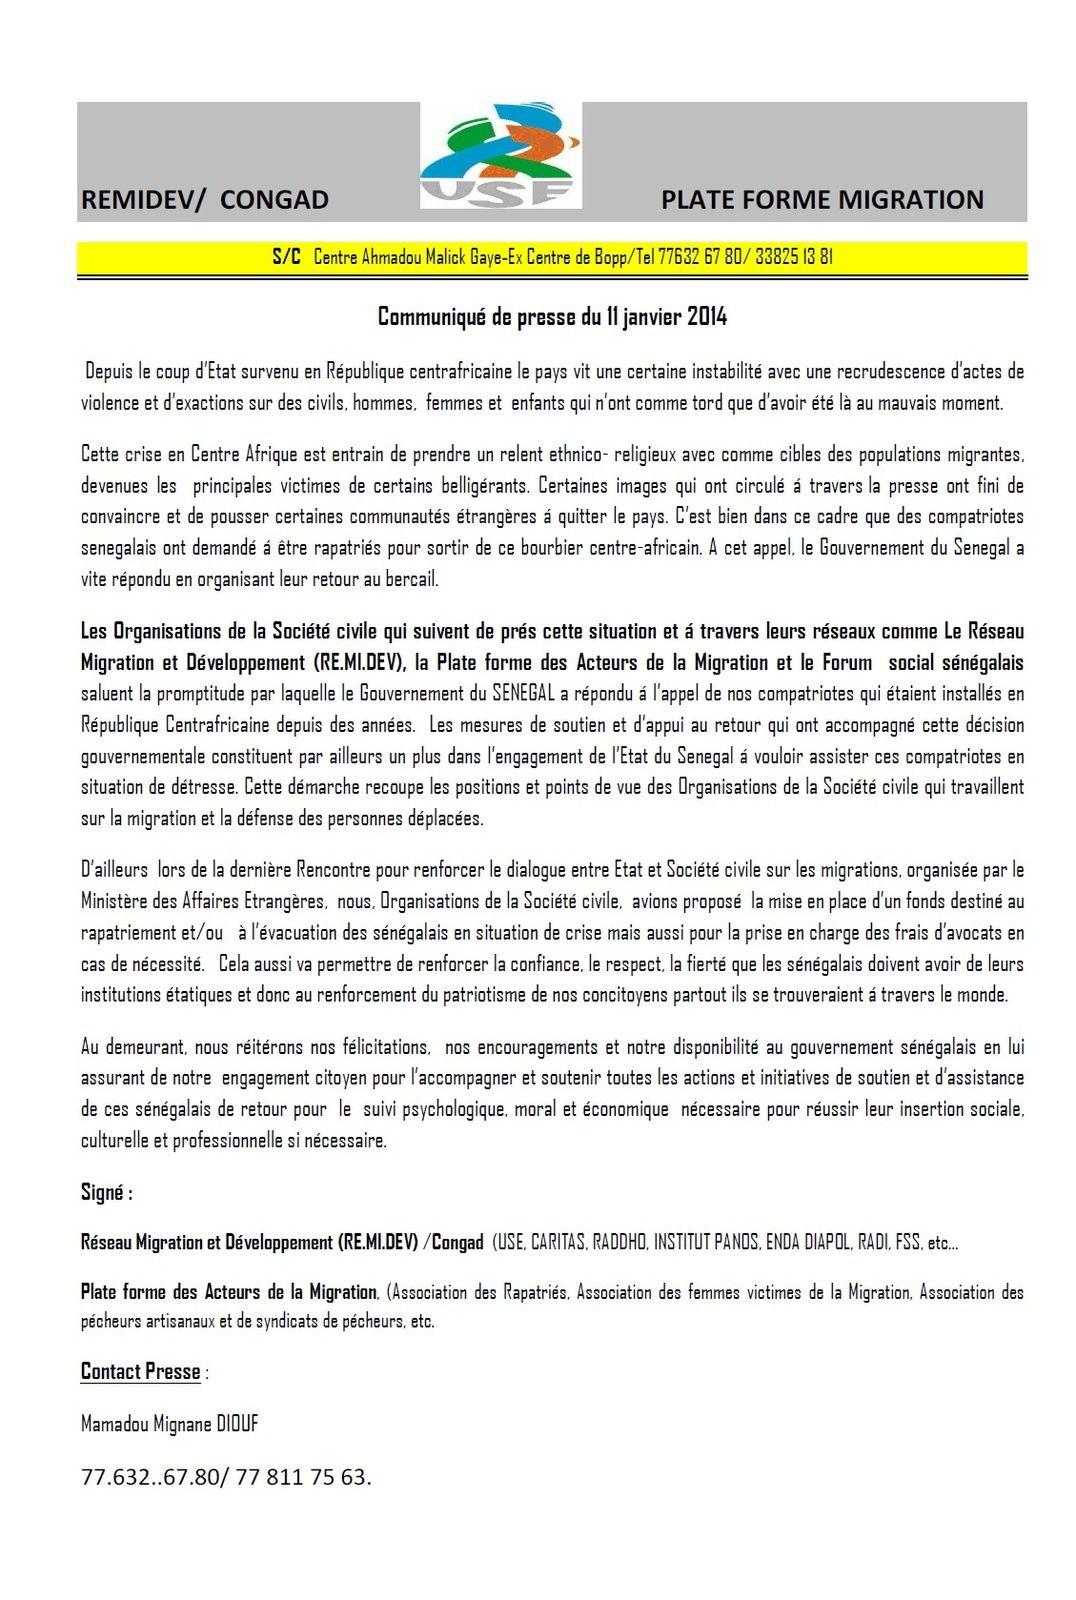 Crise en RCA: le REMIDEV salue le rappatriement des Sénégalais